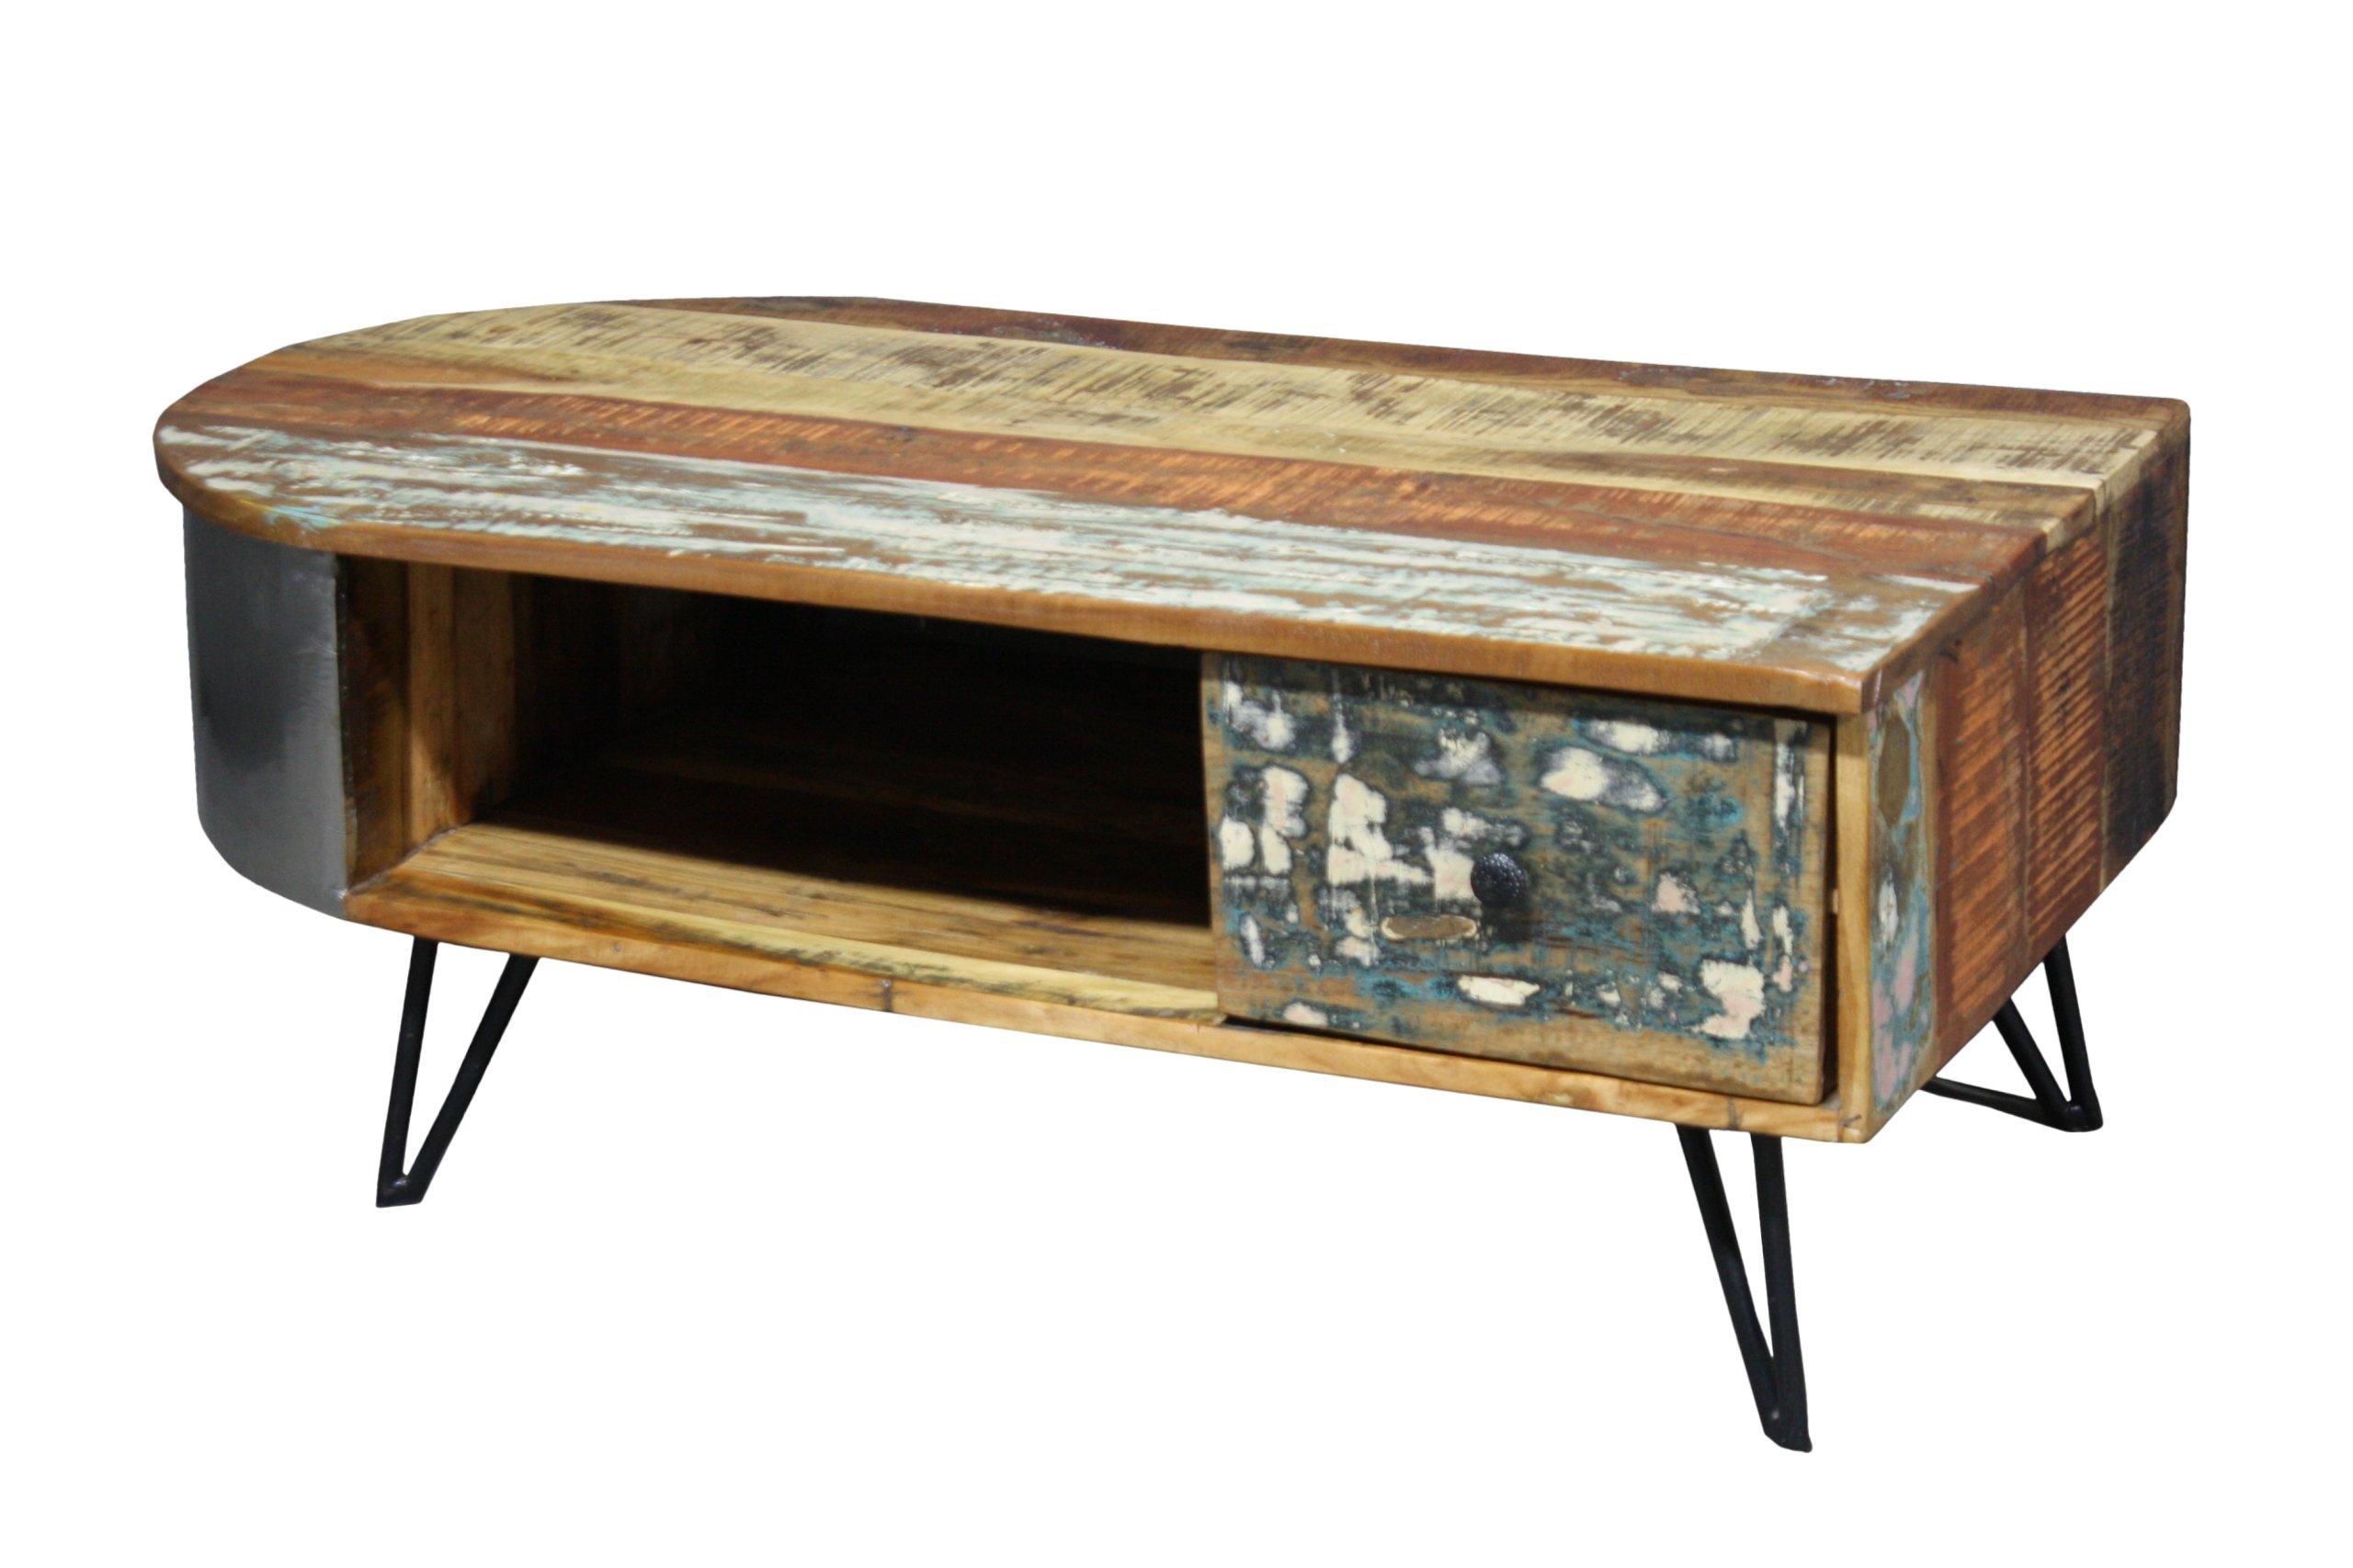 Konferenčný stolík konferenčný Stolík Dreva, Kovu Vintage Loft LIVERPOOL